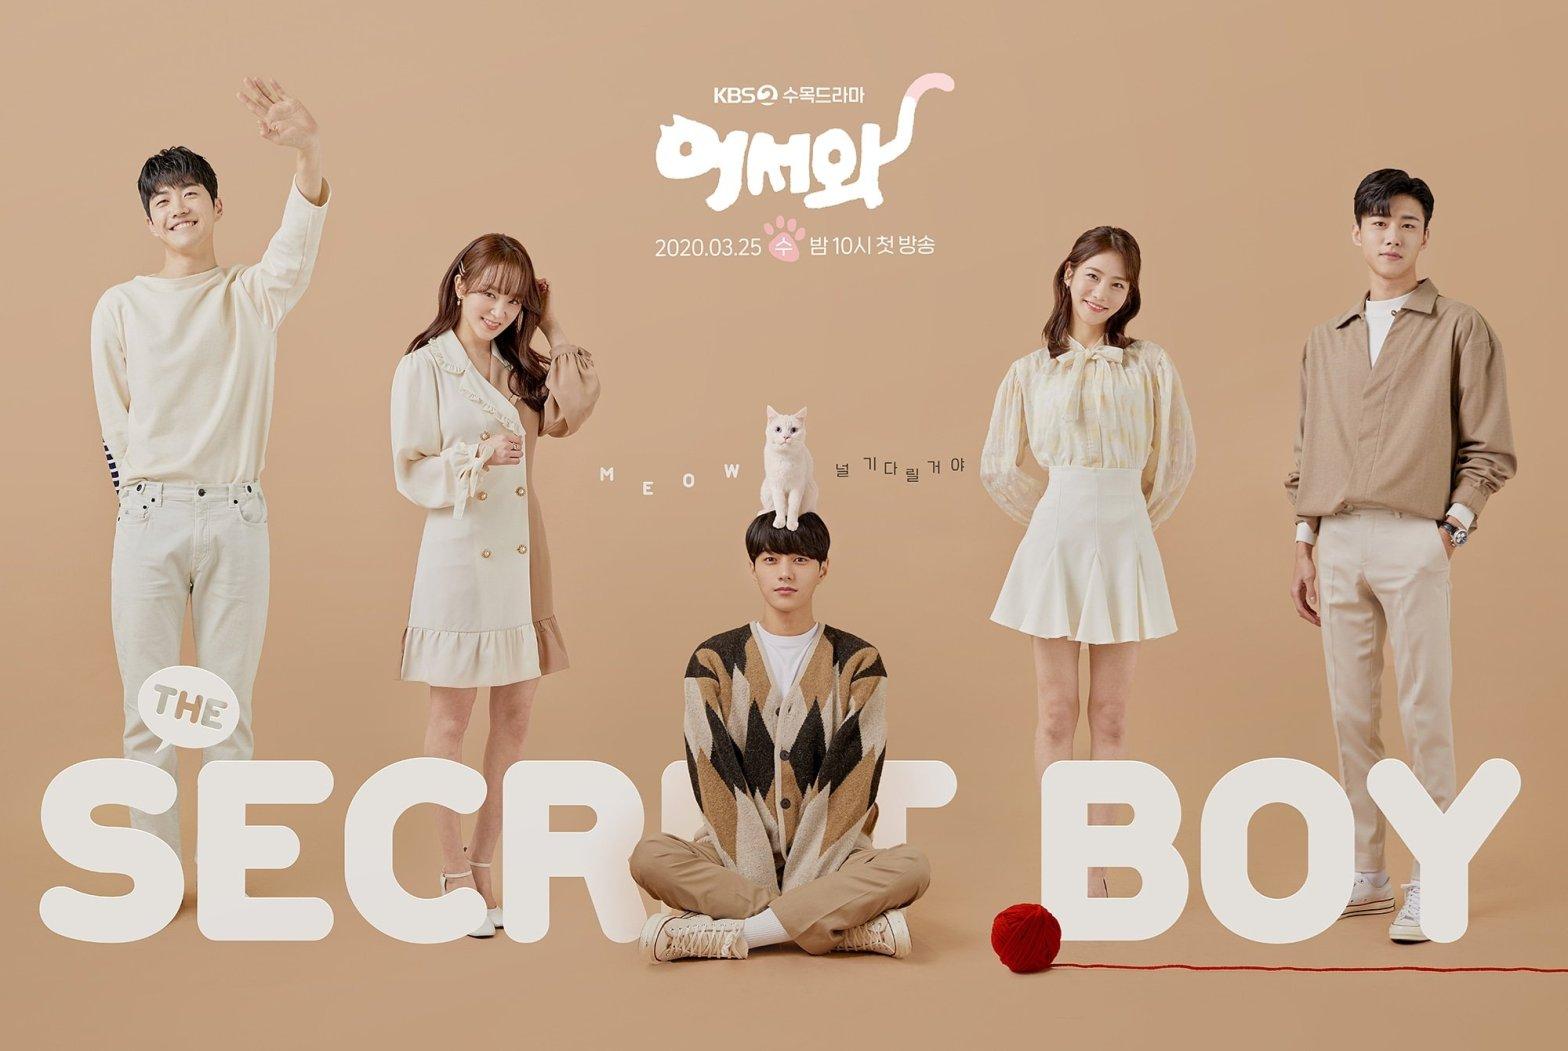 Meow the Secret Boy drama poster